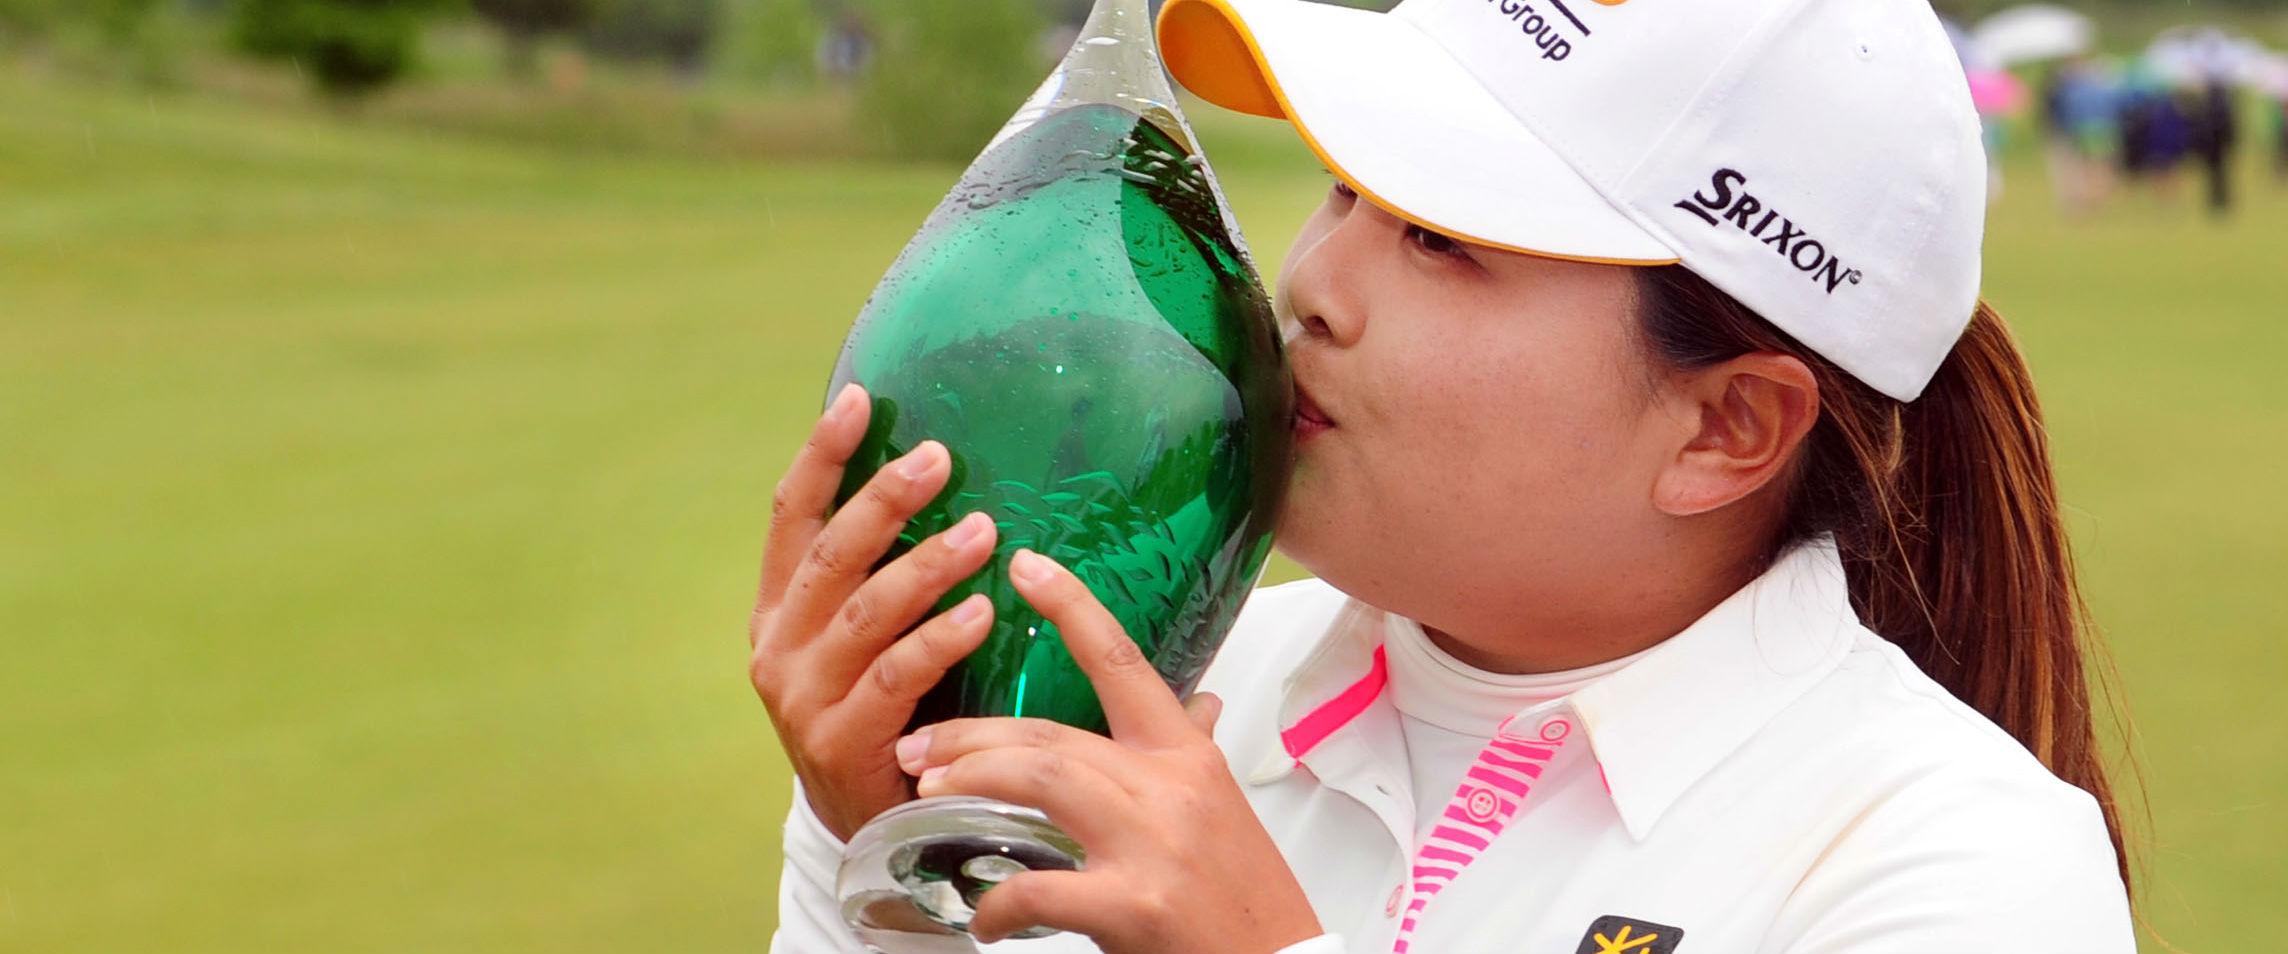 Inbee Park sicherte sich überlegen den Titel bei der Manulife Financial LPGA Classic.